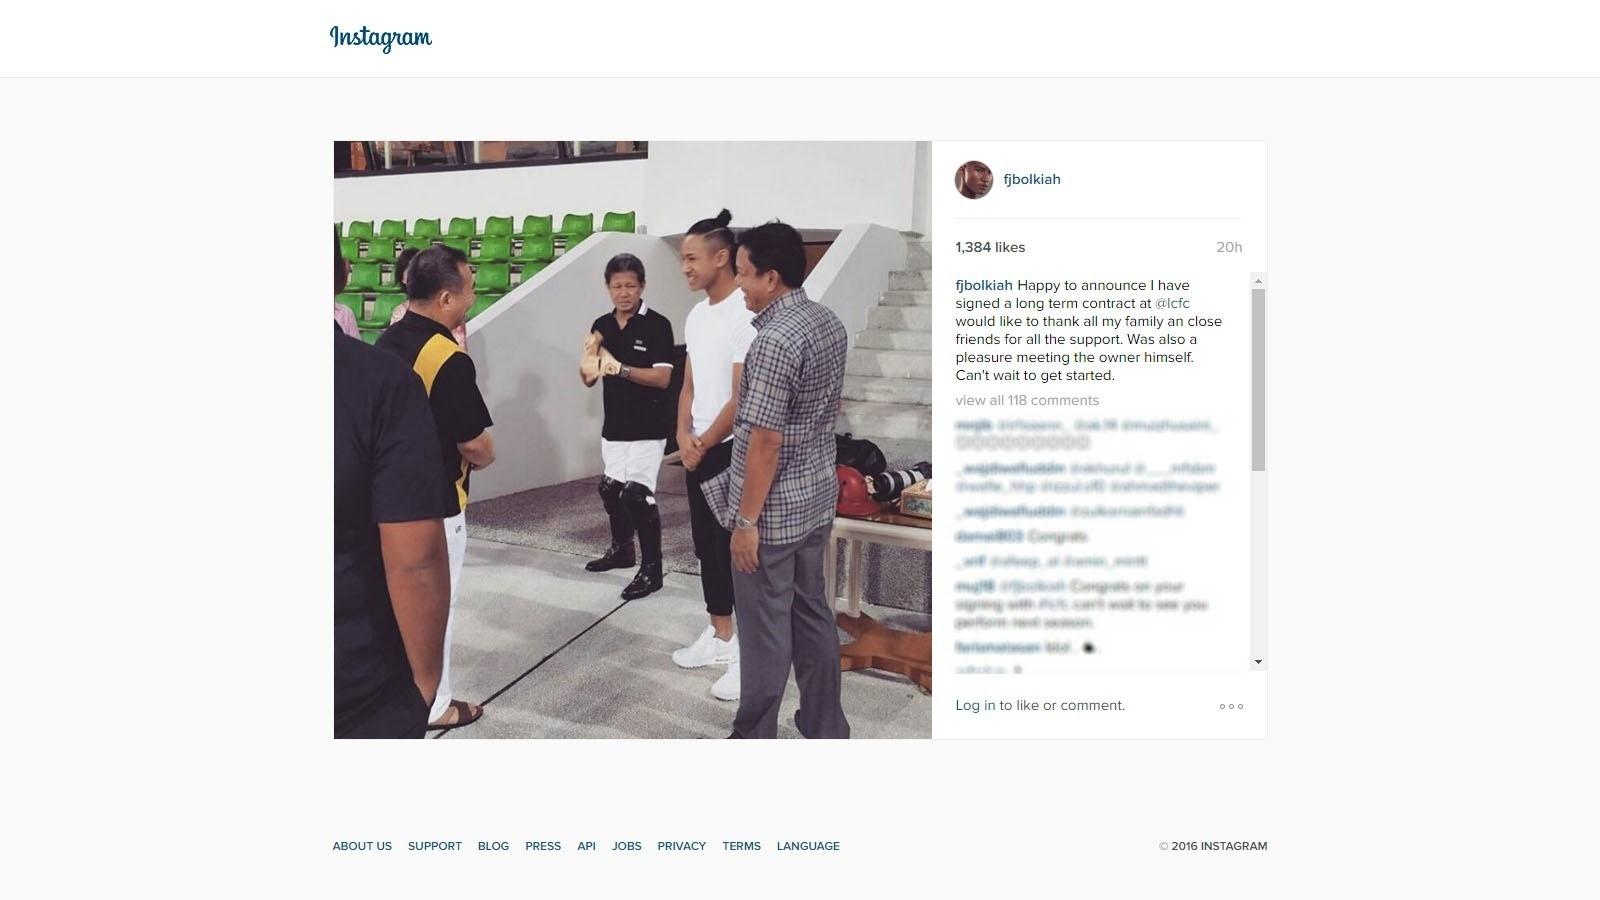 Sobrinho de sultão de Brunei assina contrato para jogar pelo Leicester -  16 03 2016 - UOL Esporte 37bf2d7653159